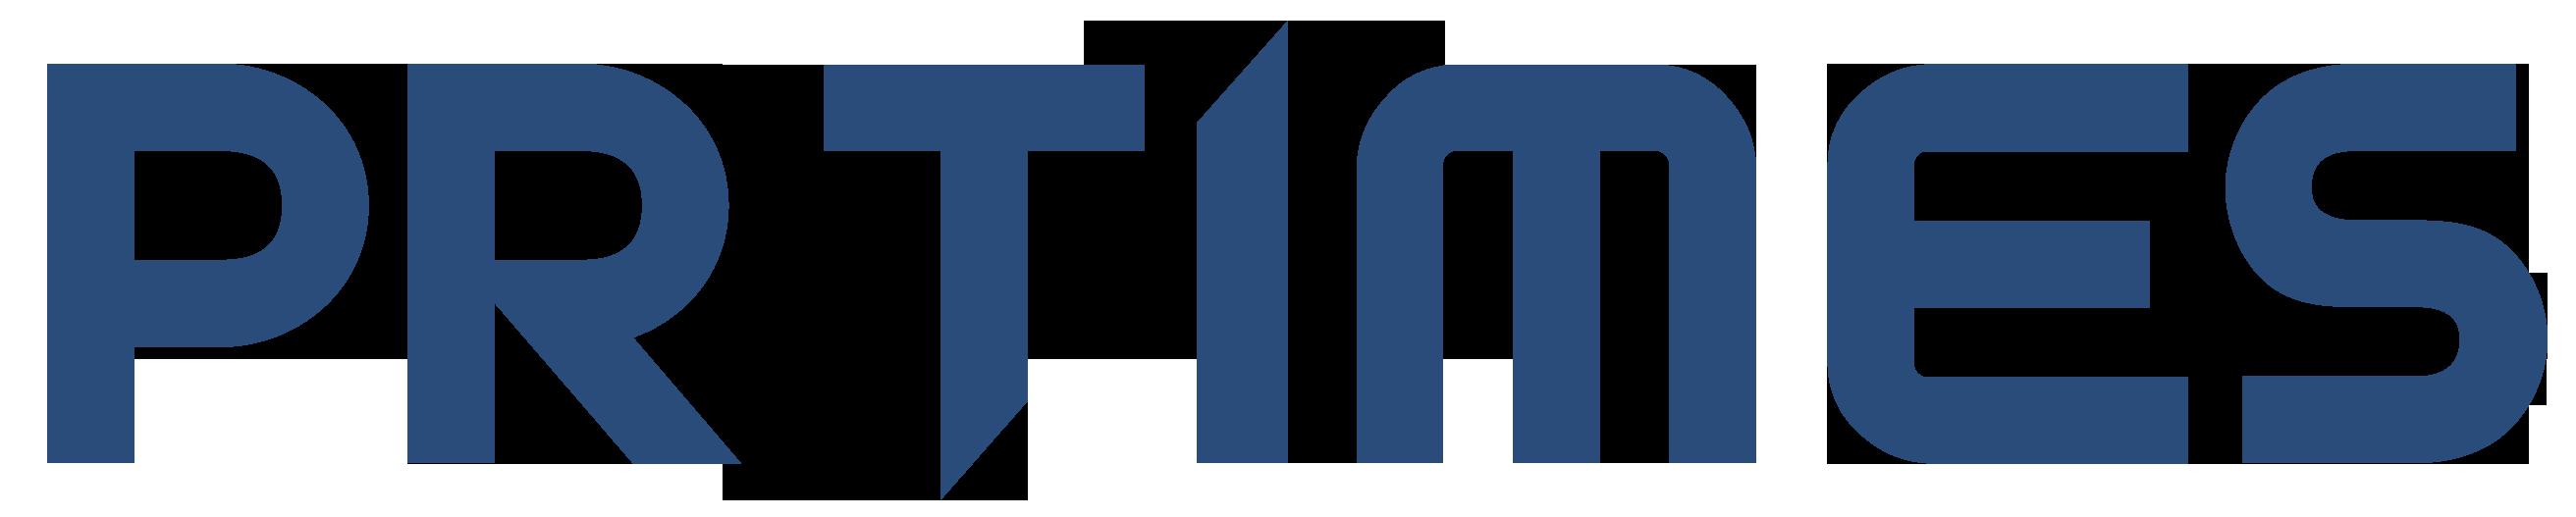 PRTIMES_logo